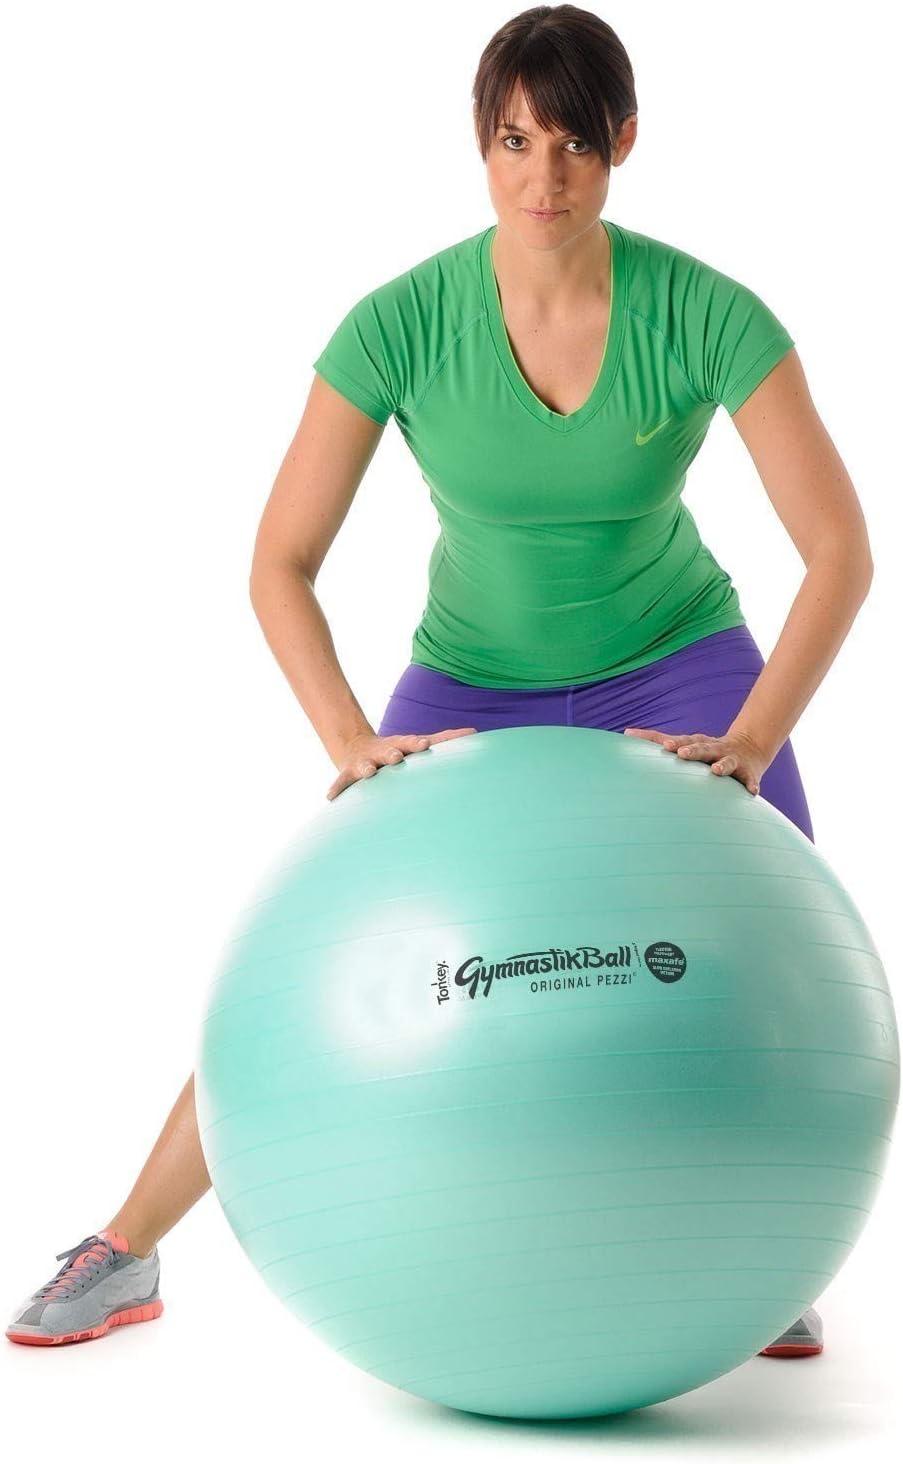 per la ginnastica e la terapia in ufficio diametro da 42 cm a 75 cm palla da ginnastica originale Pezzi Maxafe